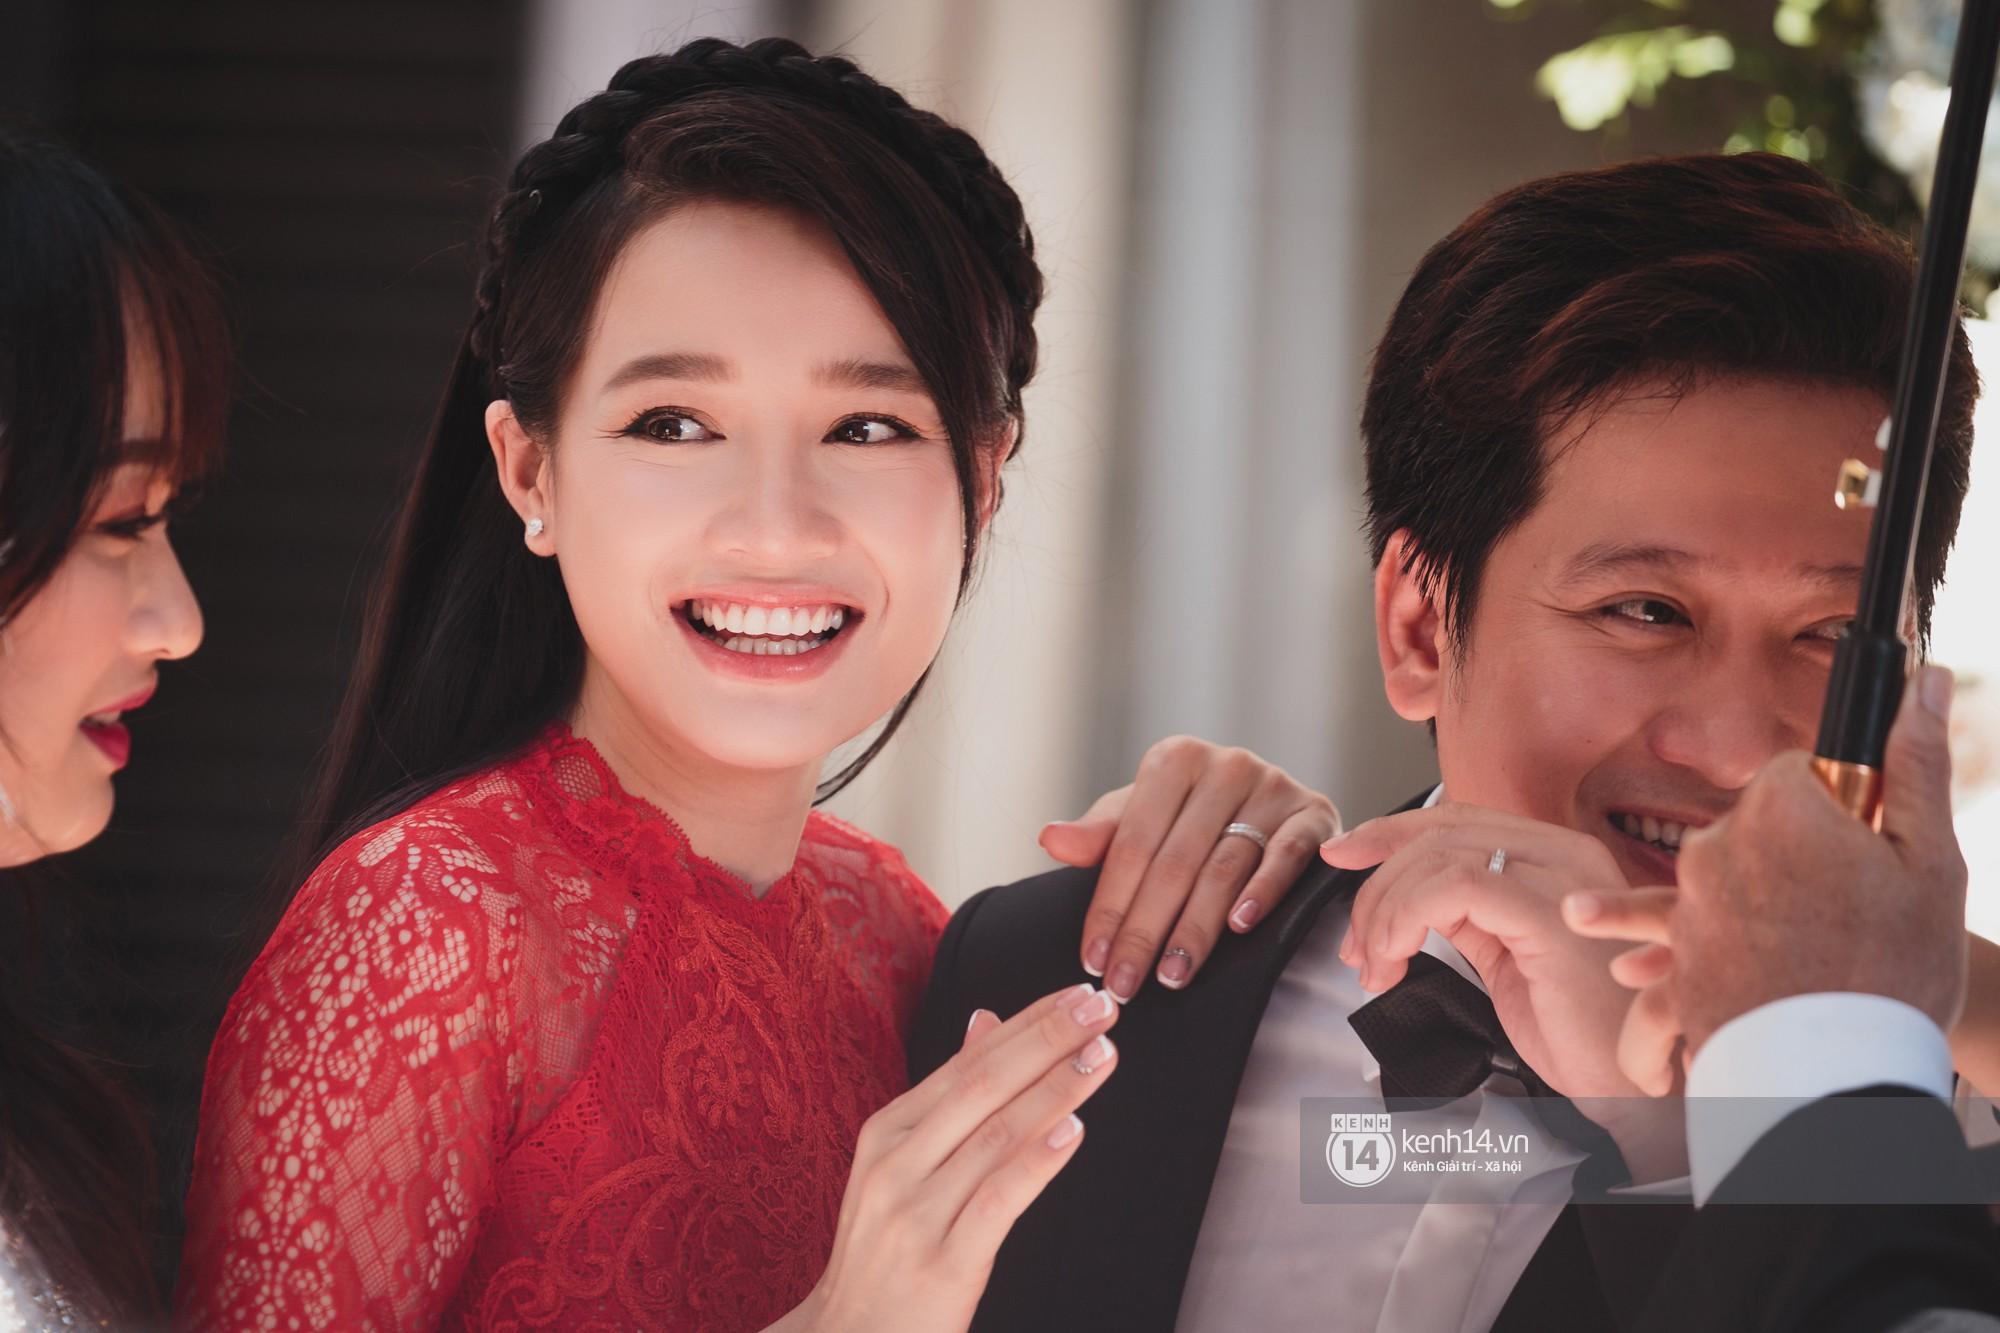 Đám cưới Trường Giang - Nhã Phương: Hàng ngàn hình ảnh ngọt ngào cũng không bằng loạt khoảnh khắc hạnh phúc đắt giá này-7